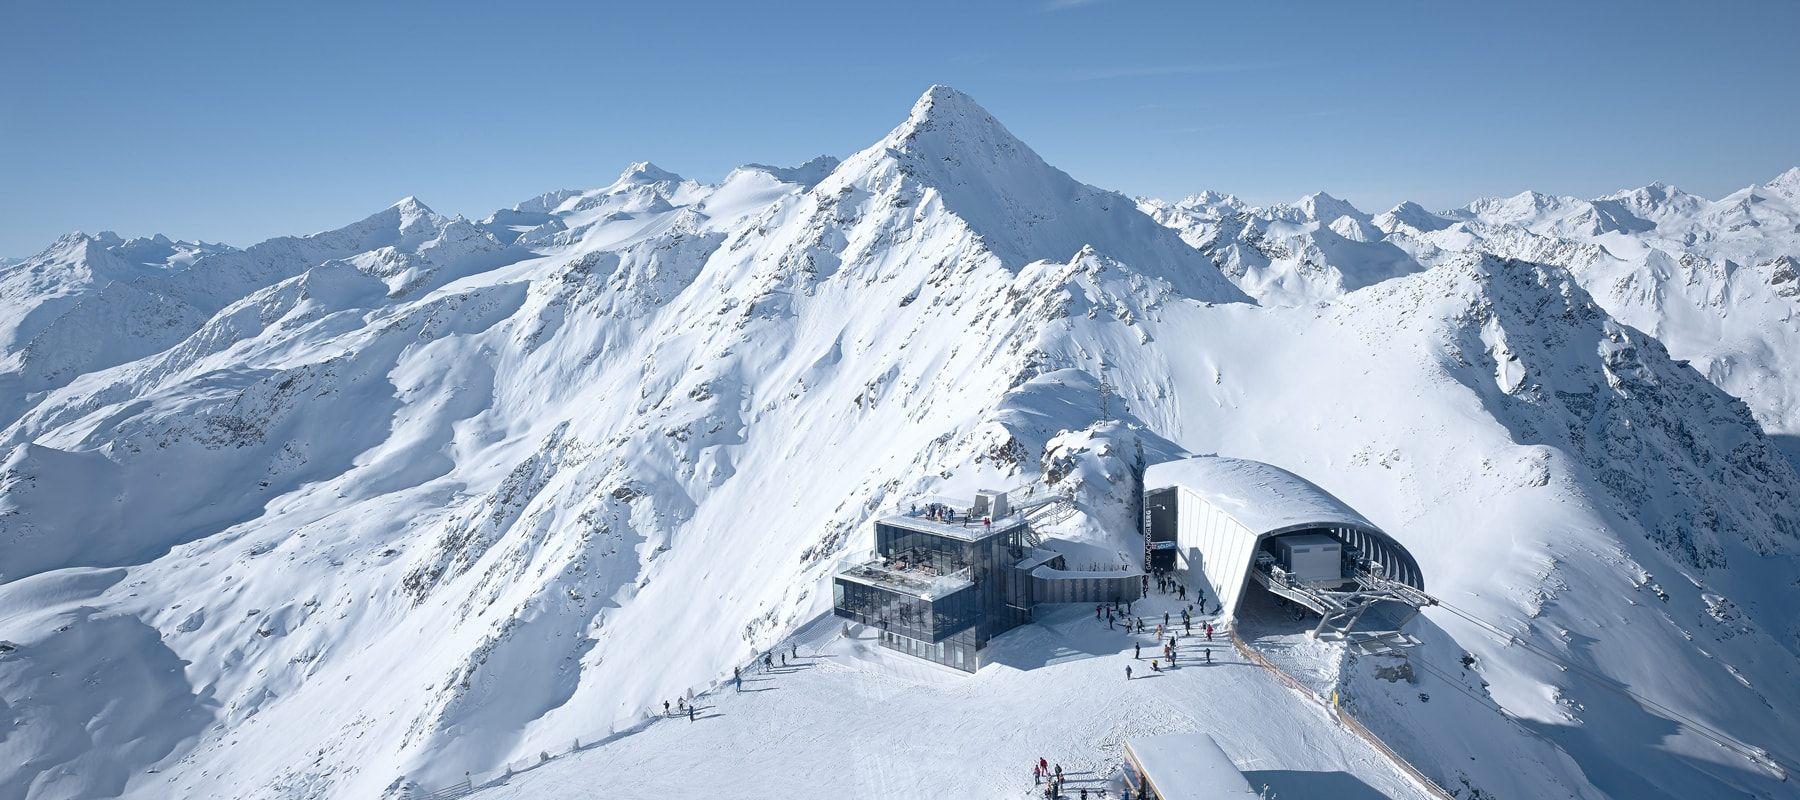 Sölden Skigebiet Gaislachkogel Ice Q